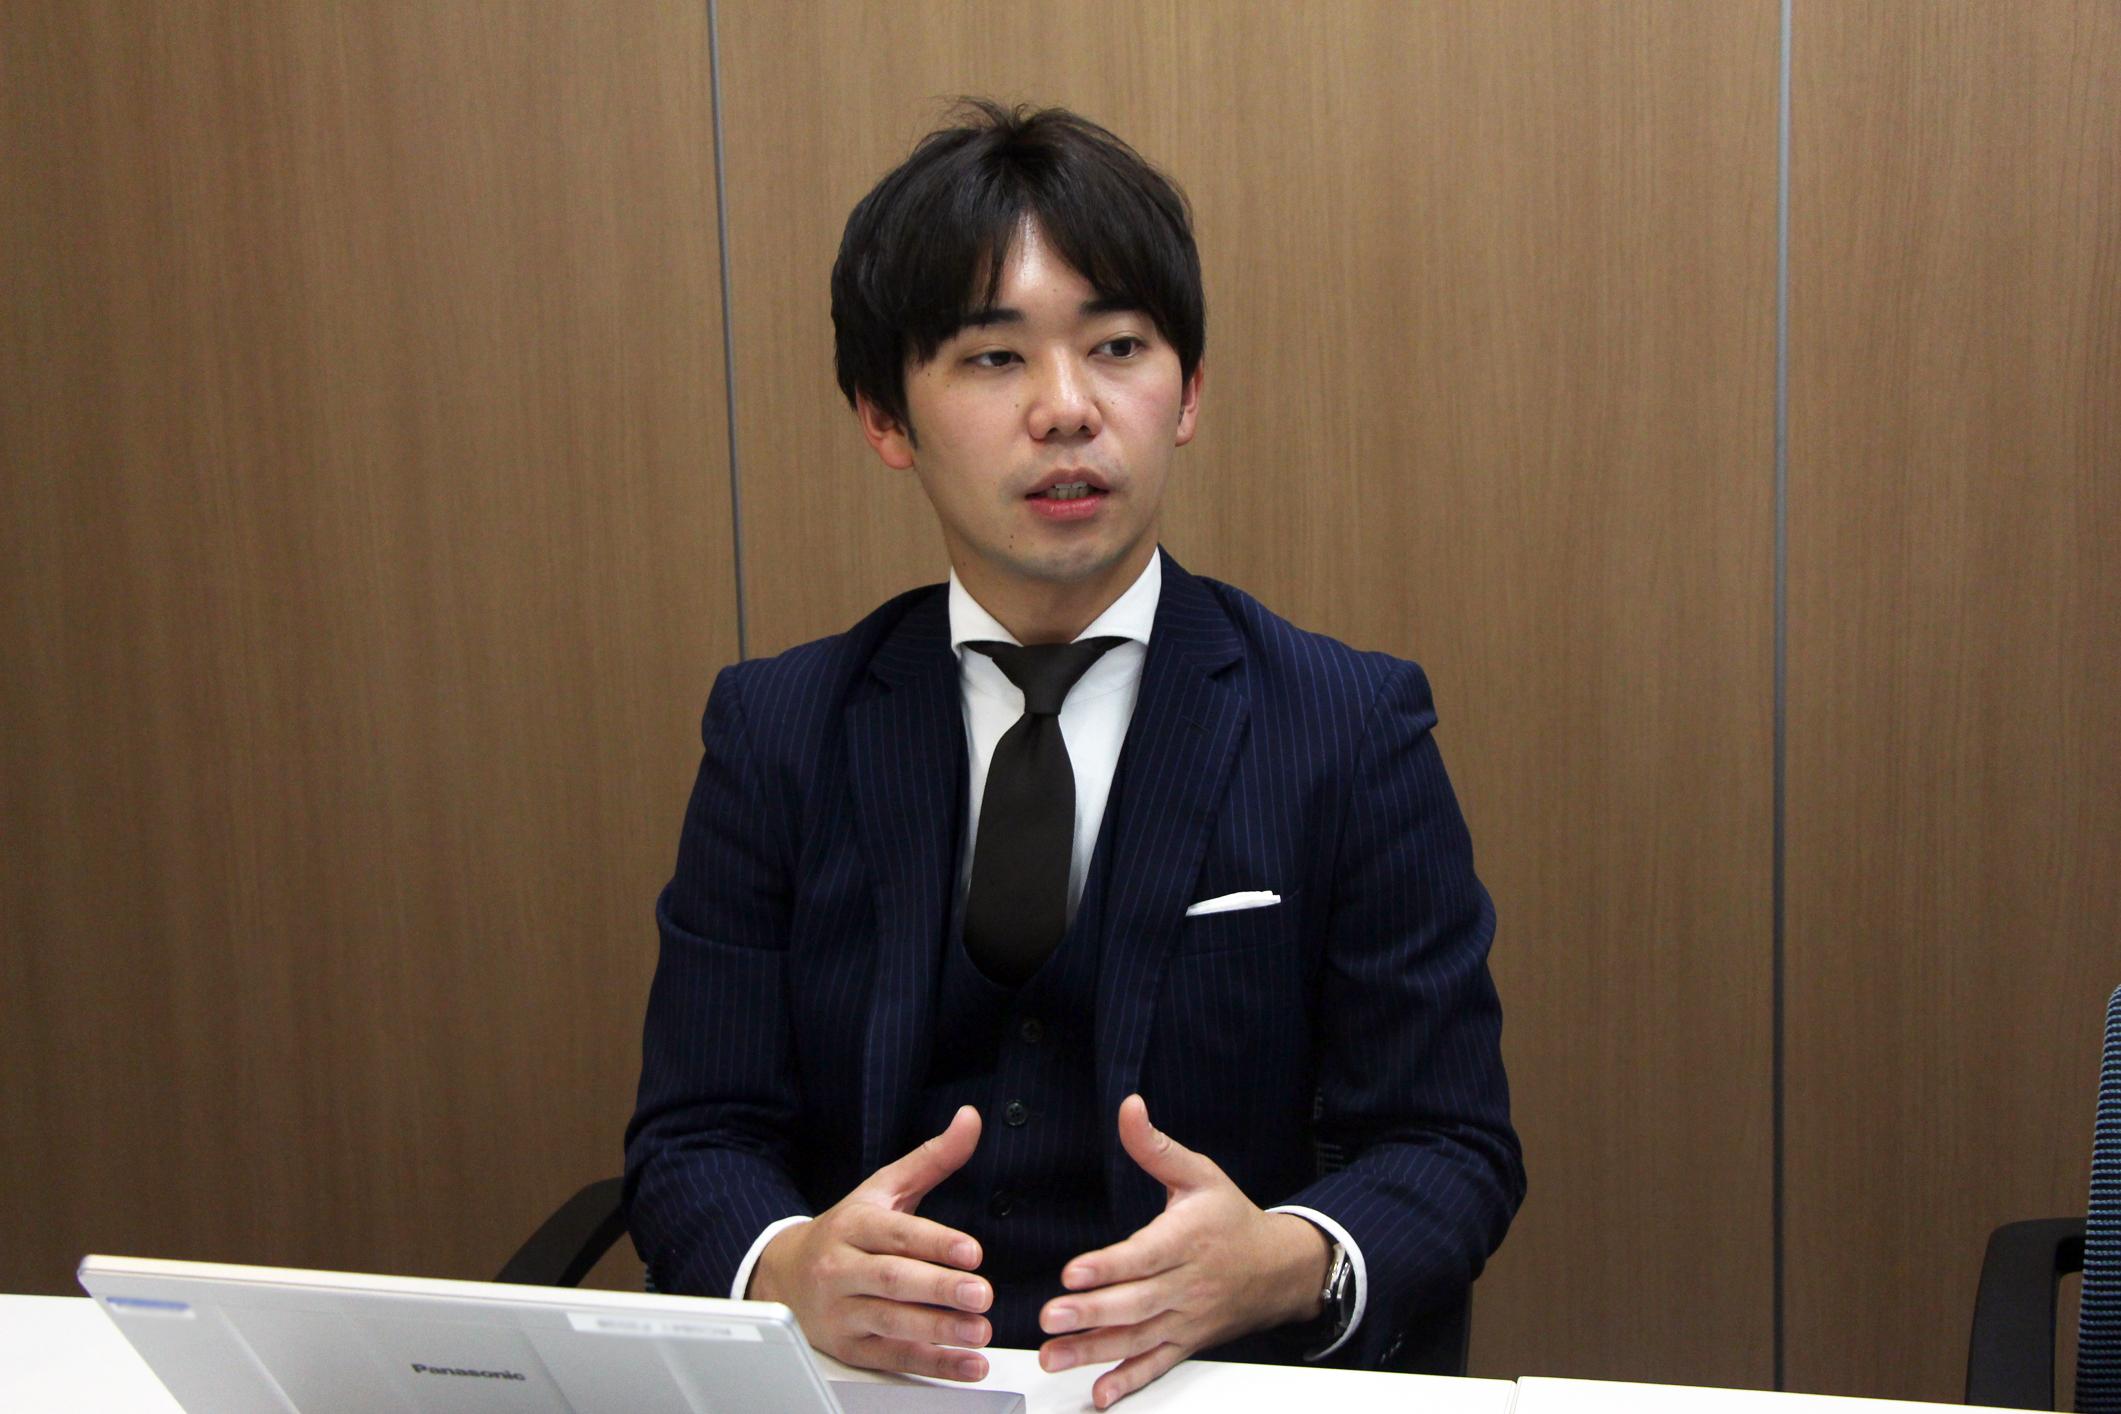 株式会社船井総合研究所 HR支援本部 シニア経営コンサルタント 植松拓海さん